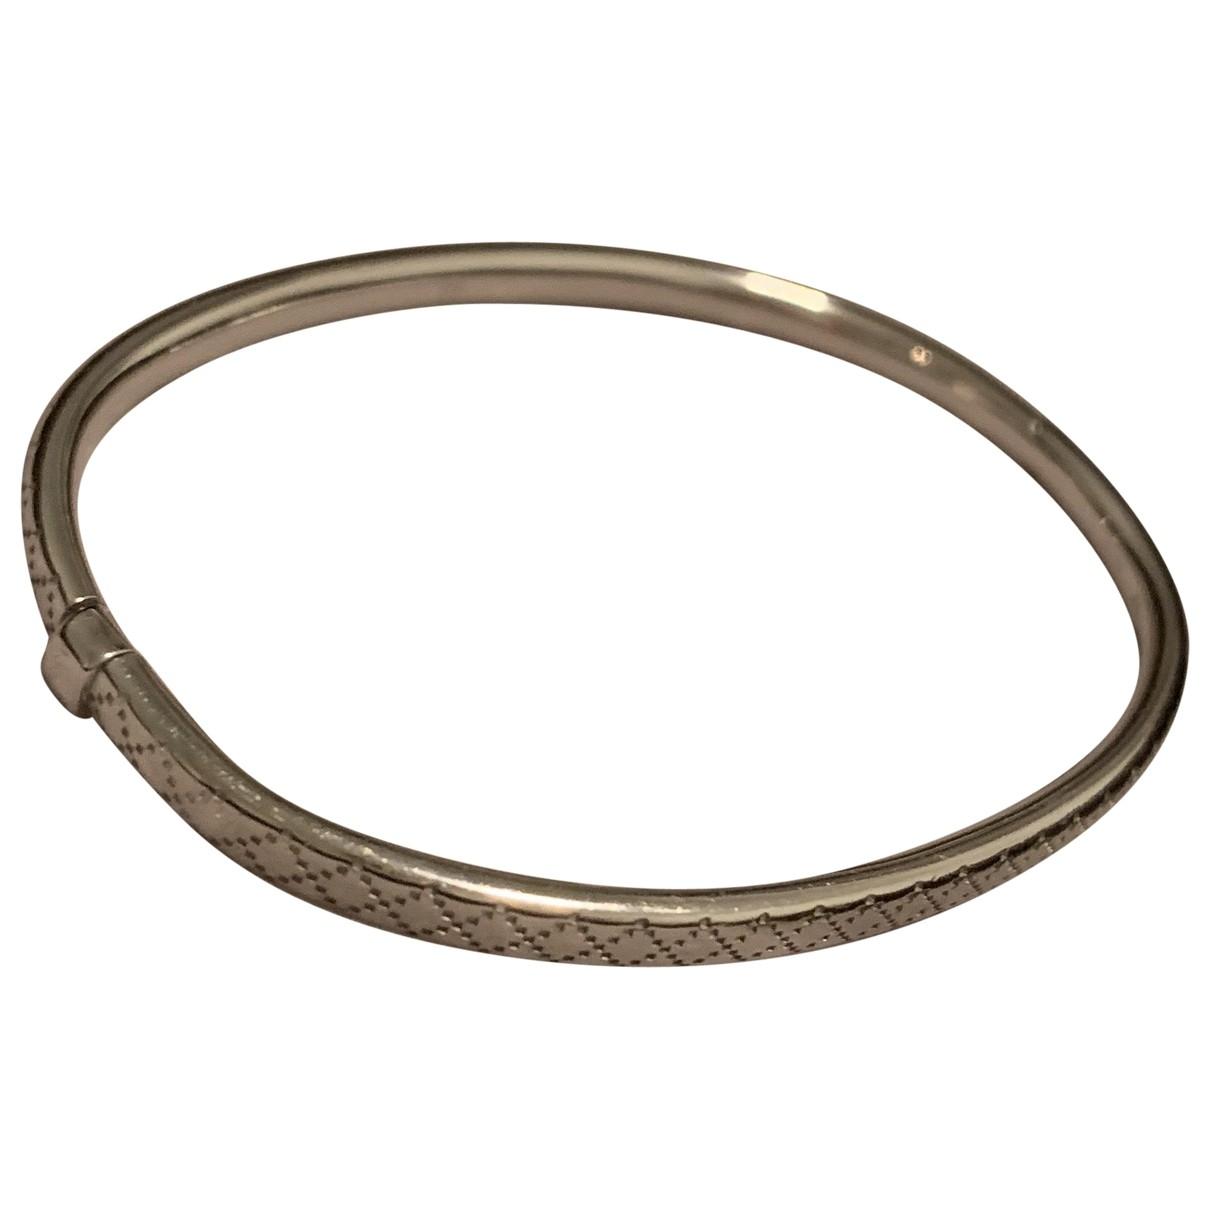 Gucci - Bracelet   pour femme en or blanc - argente